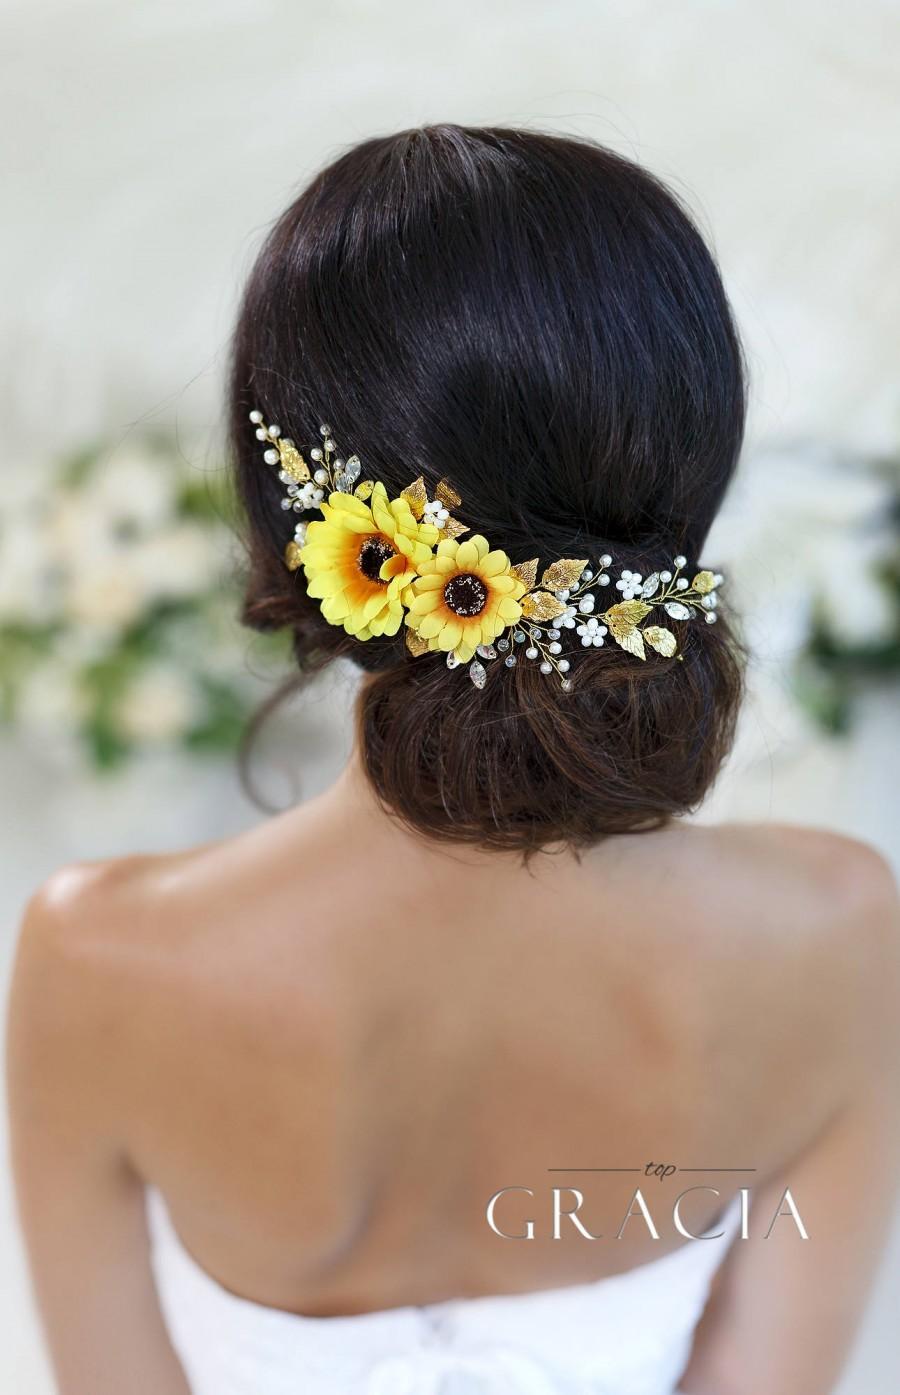 Hochzeit - Sunflower bridal headpiece Sunflower hair comb Sunflower headband Flower crown Sunflower wedding headpiece Fall floral crown Fall wedding